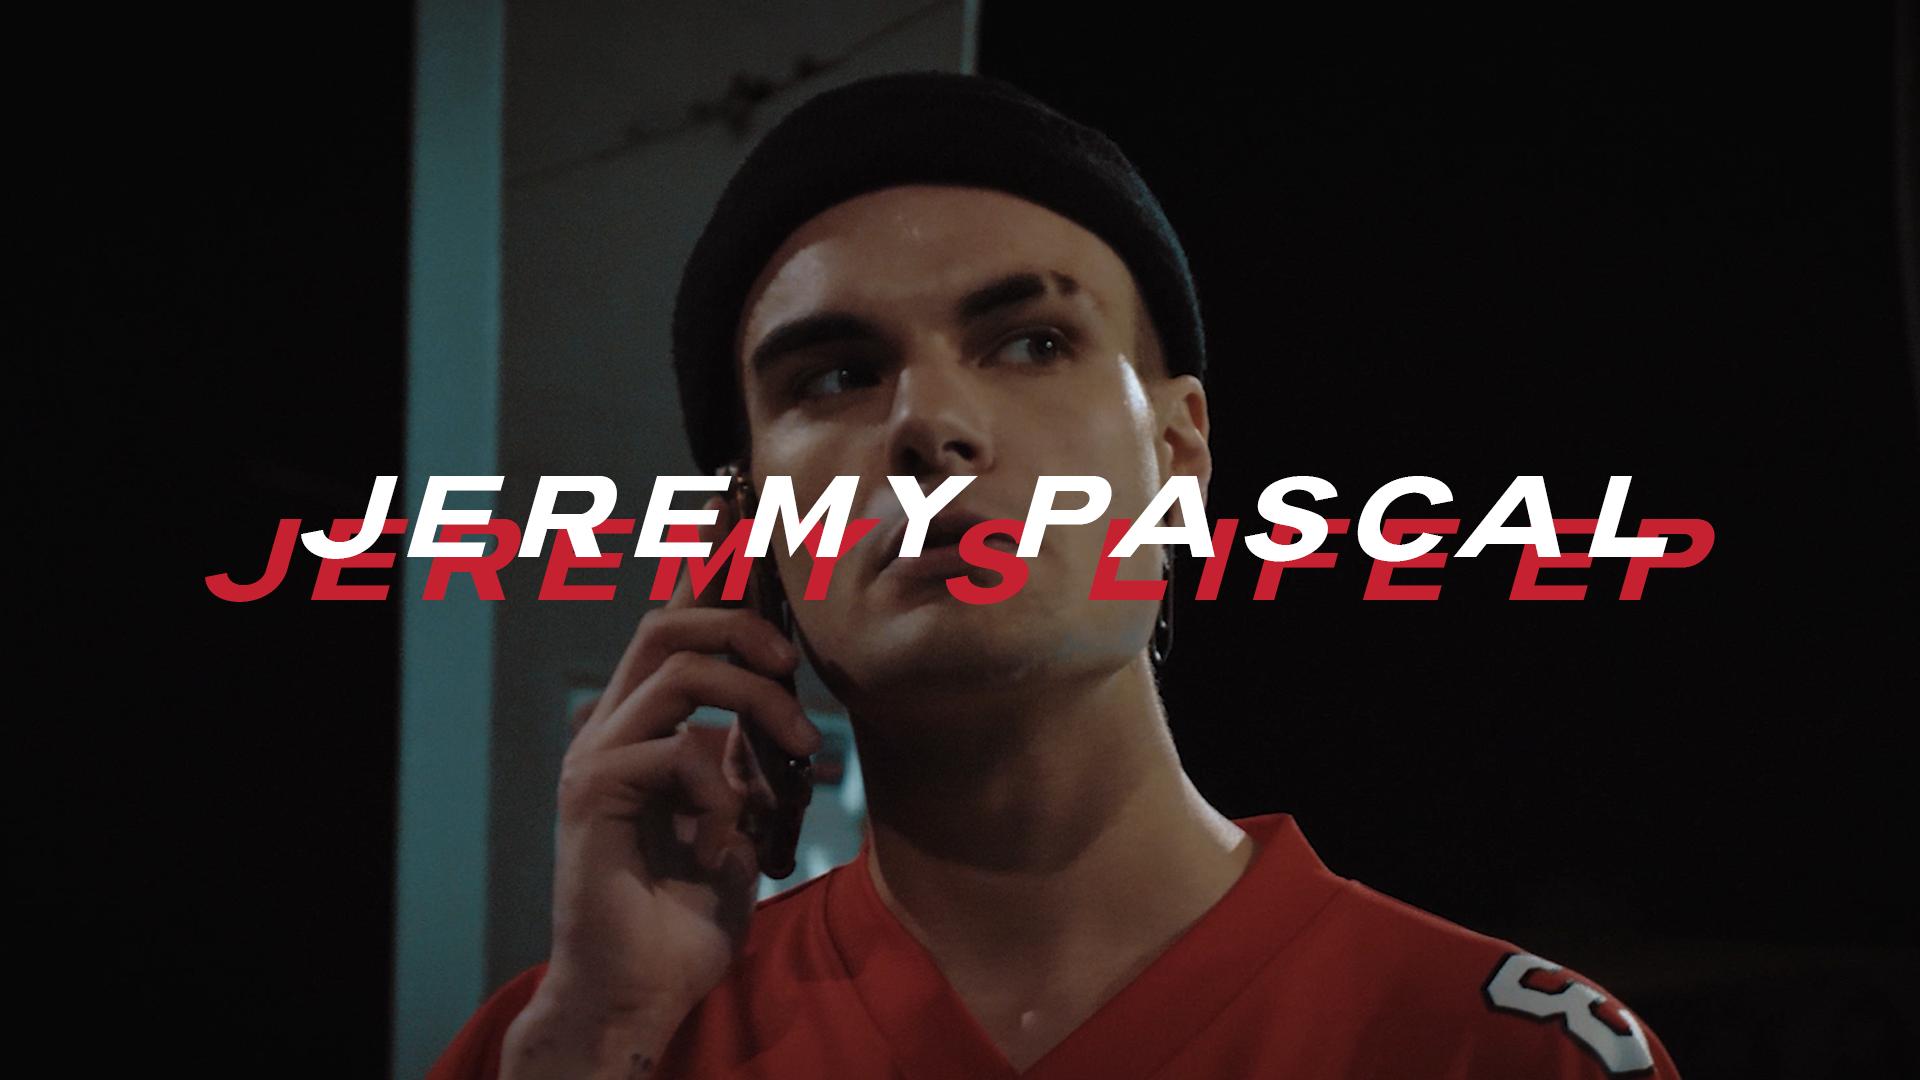 JEREMY PASCAL (JEREMY'S LIFE)